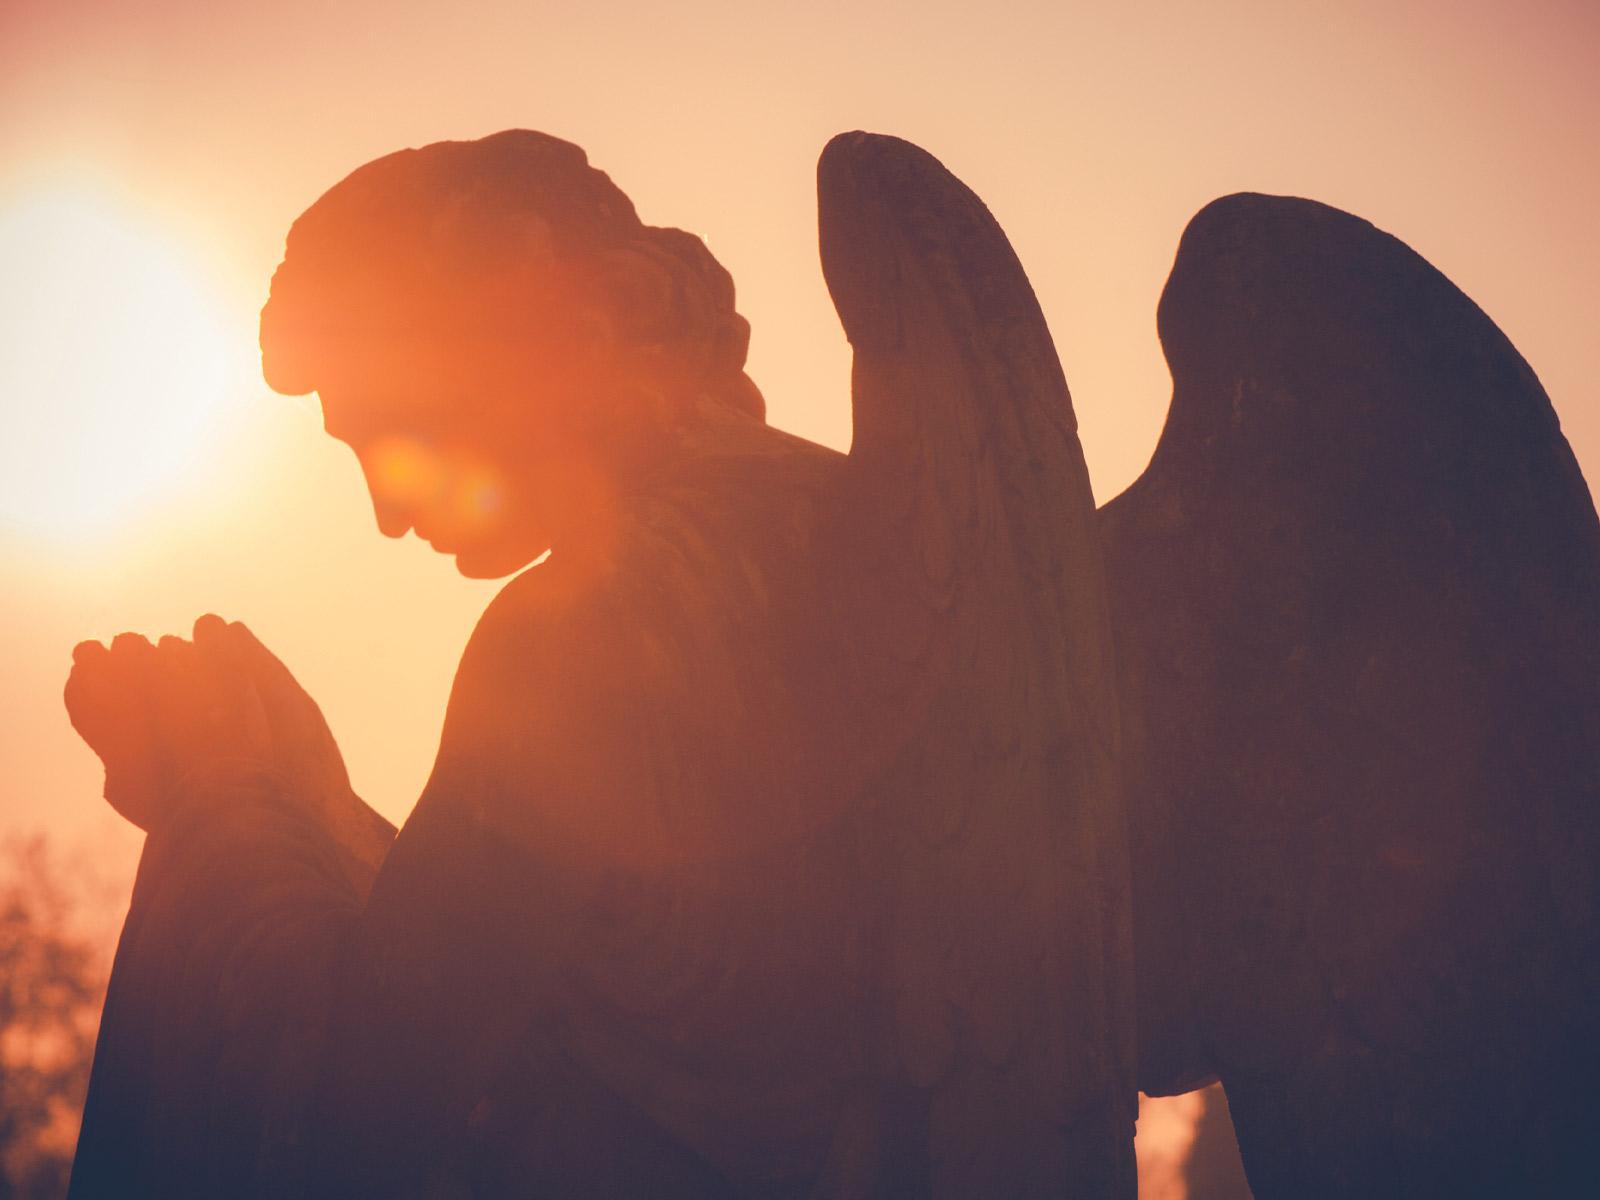 Nós-somos-irmãos-de-anjos